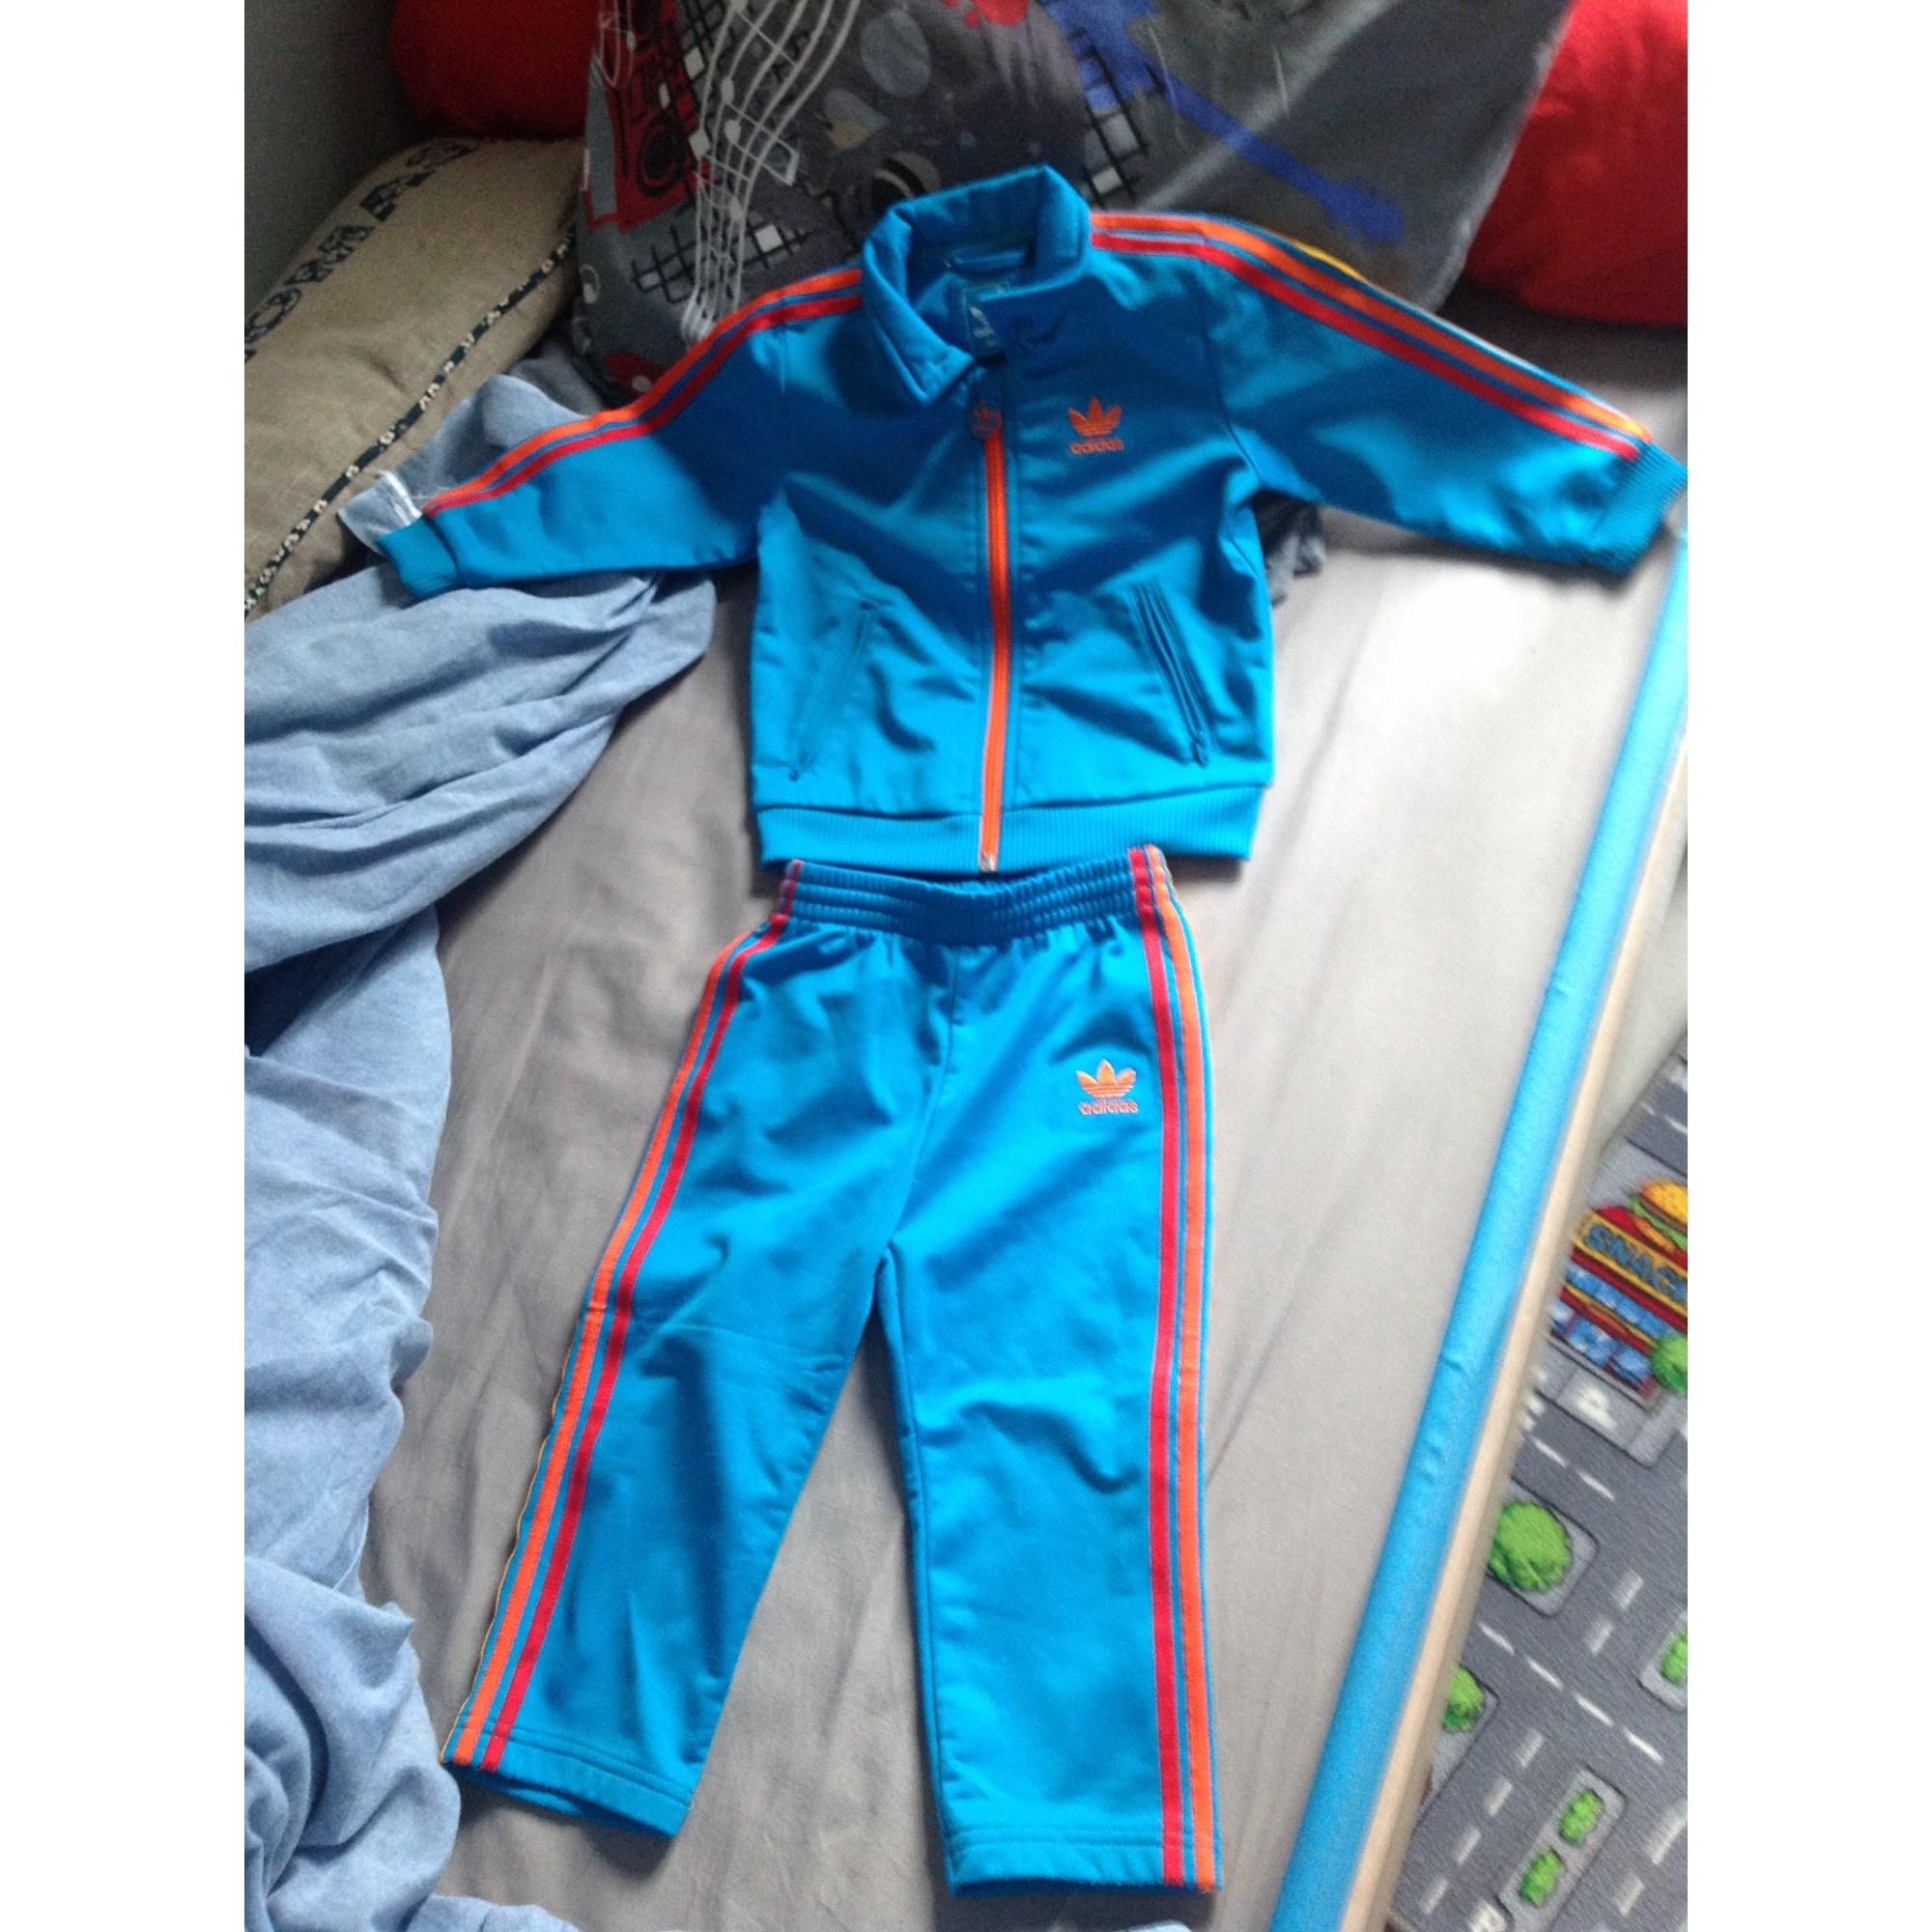 Ensemble jogging ADIDAS coton bleu 2 ans